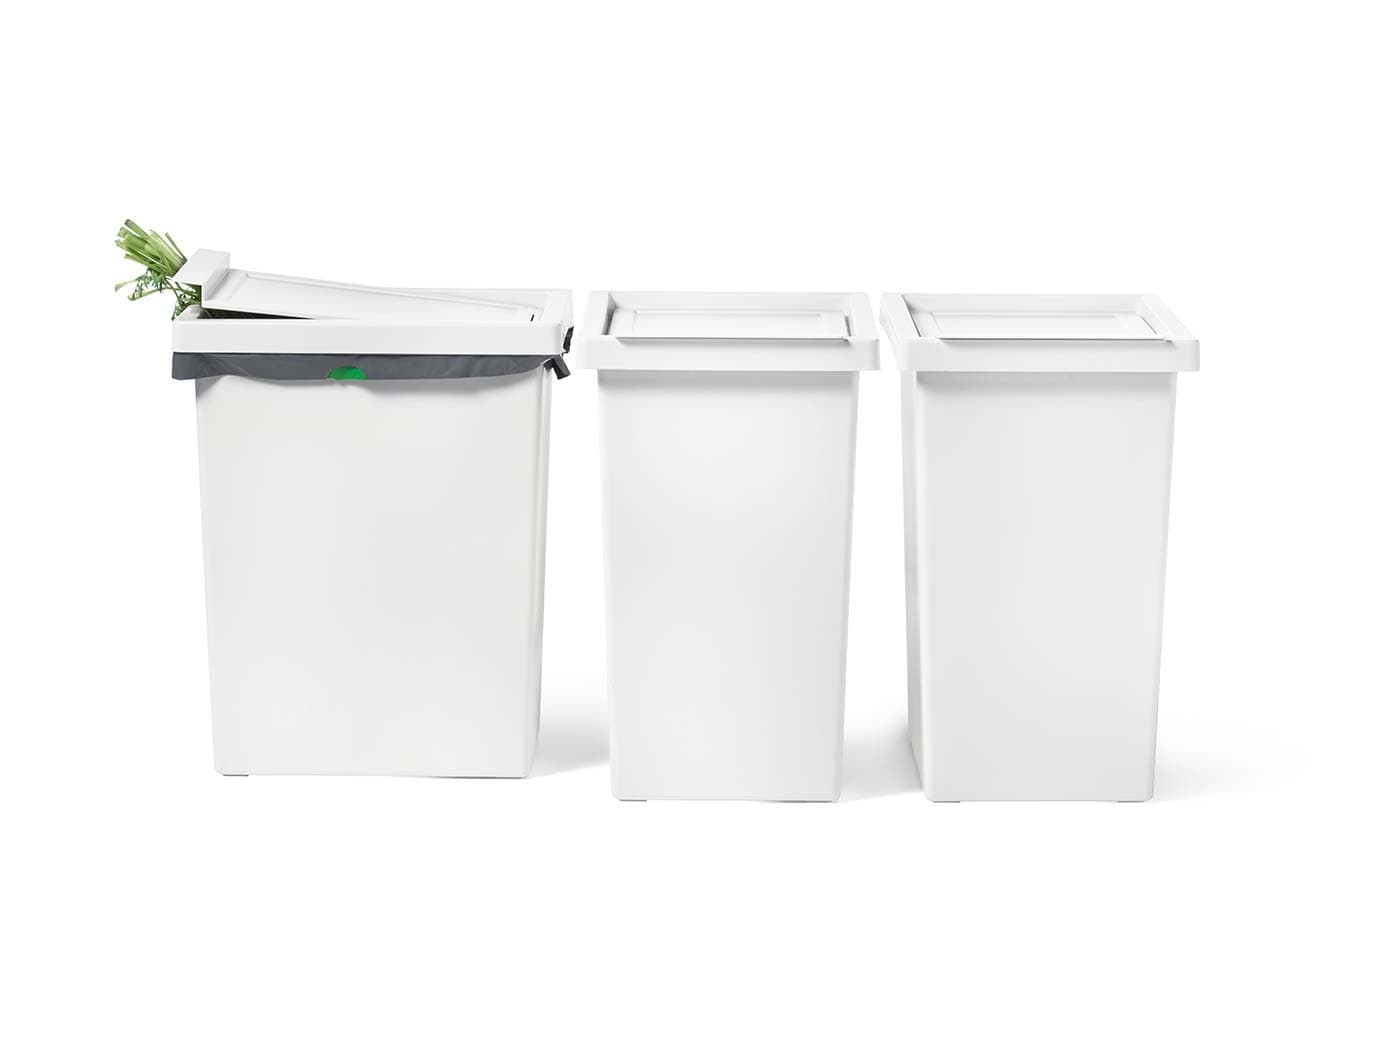 ゴミ箱&ゴミ袋